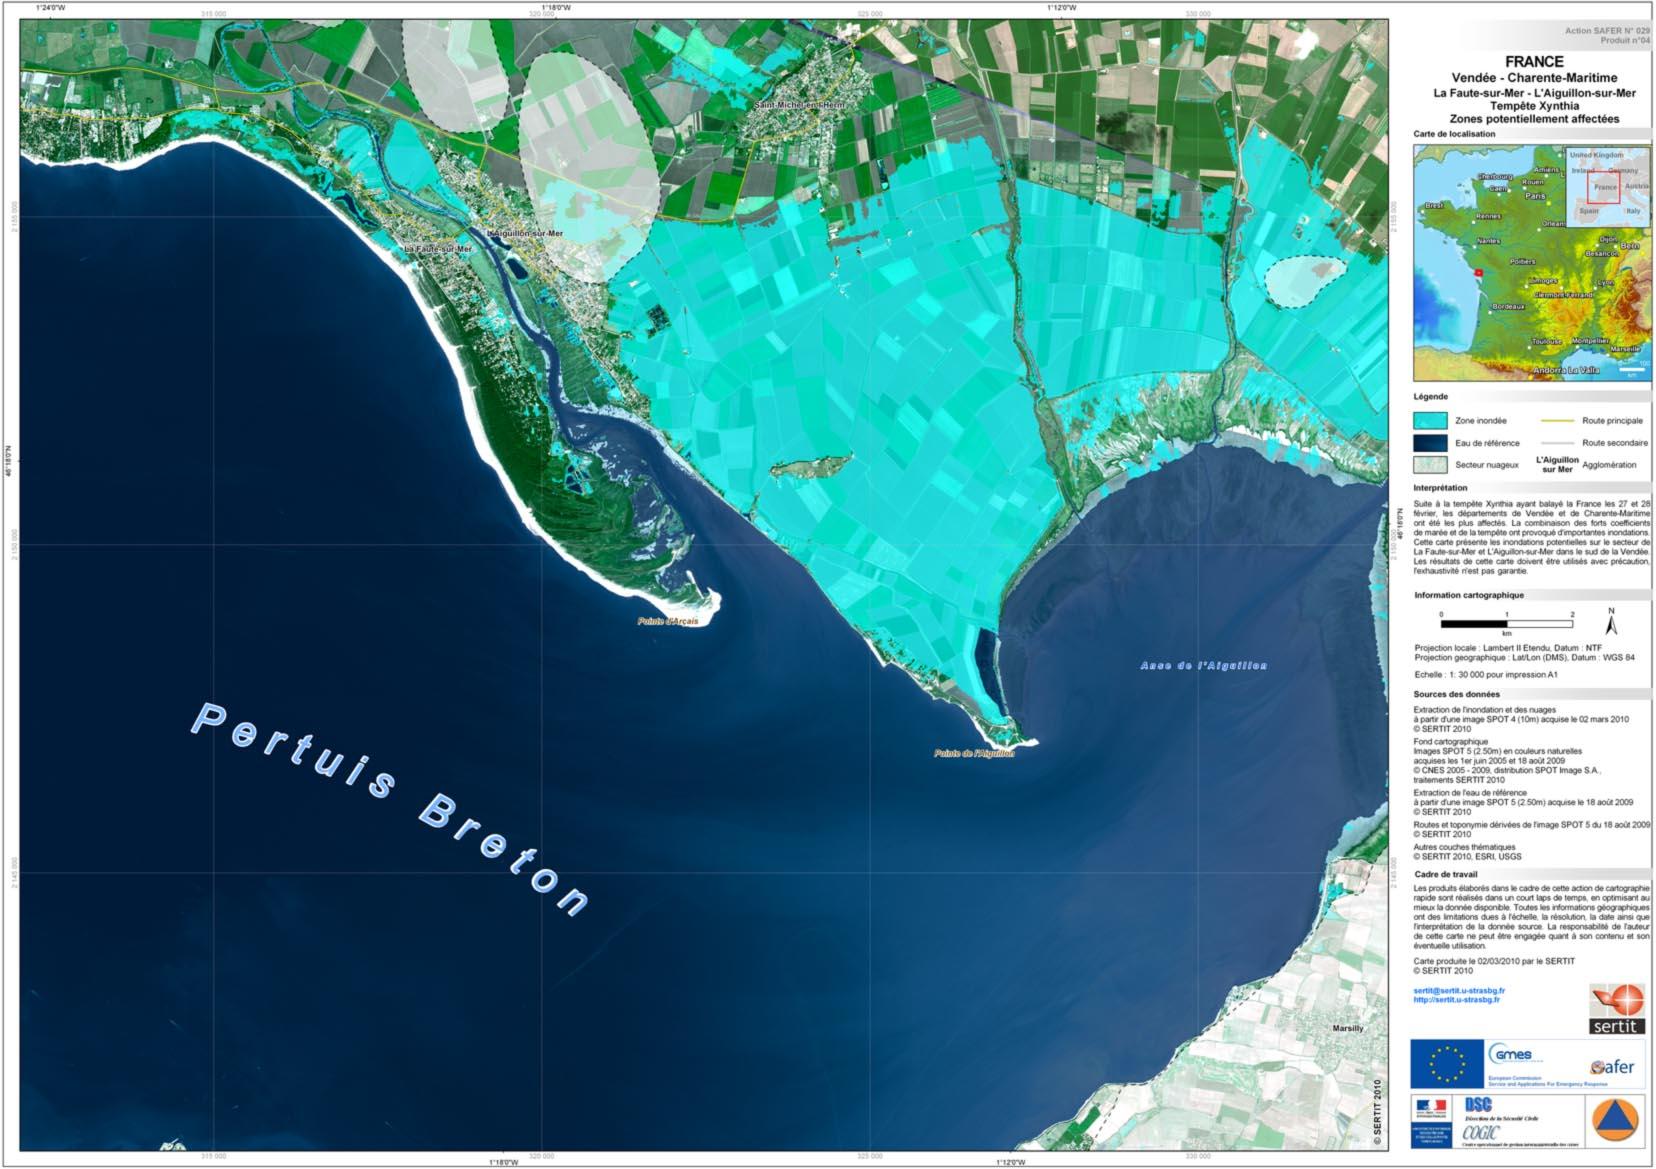 Tempête Xynthia - Anse de l'Aiguillon - La Tranche - carte des inondations - SERTIT - SAFER - Février 2010